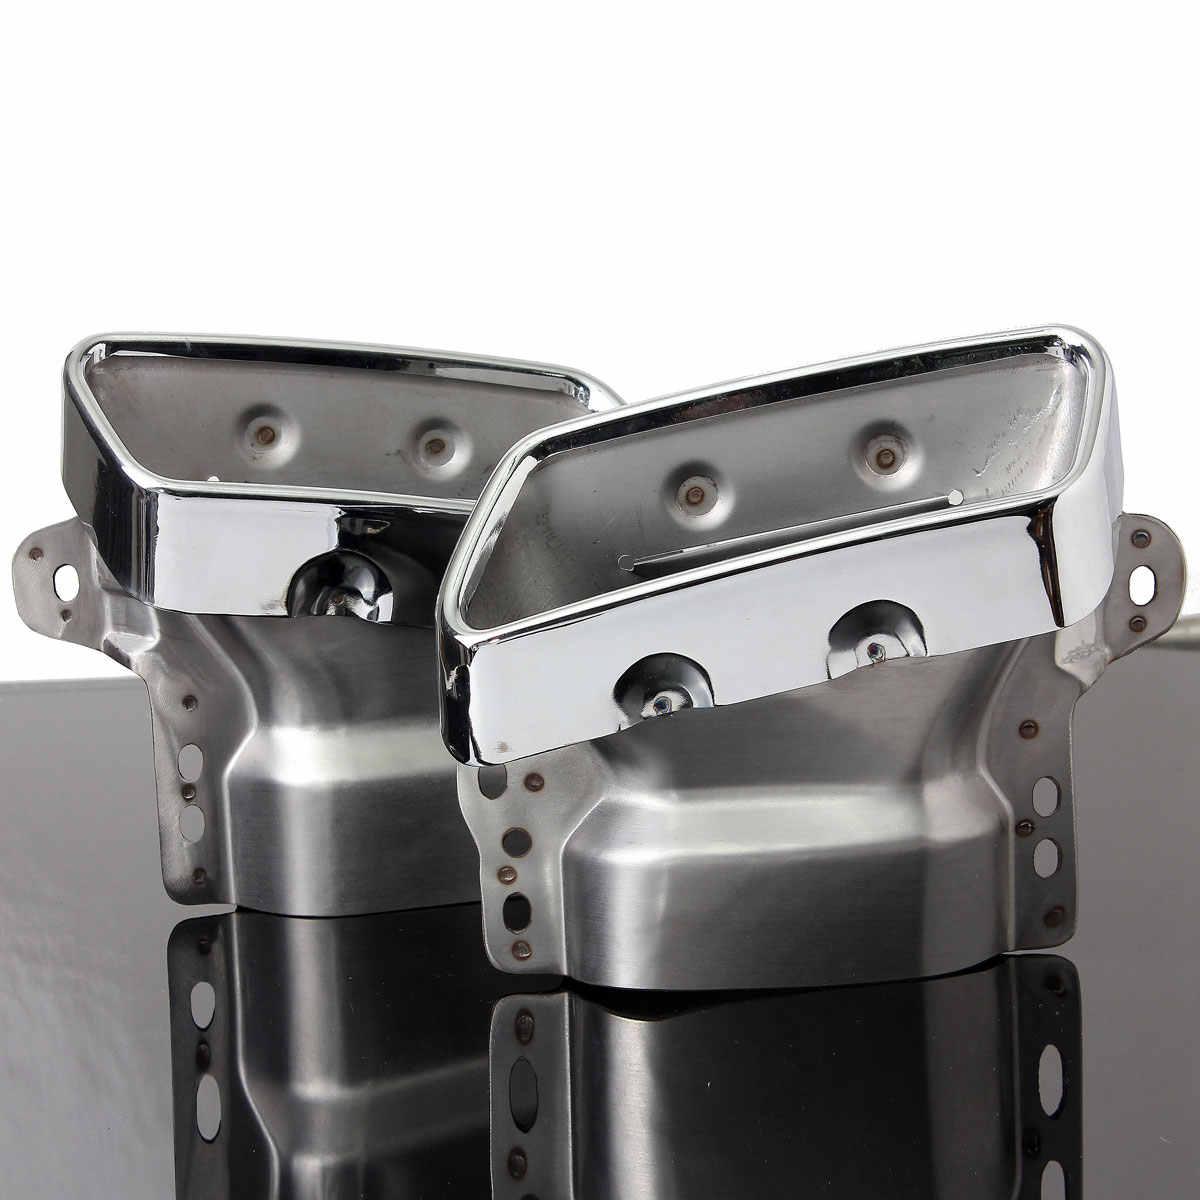 Пара квадратных Trail одно отверстие глушители выхлопной трубы хром для Mercedes Benz 2010 S300/350/600 GL350/400/450